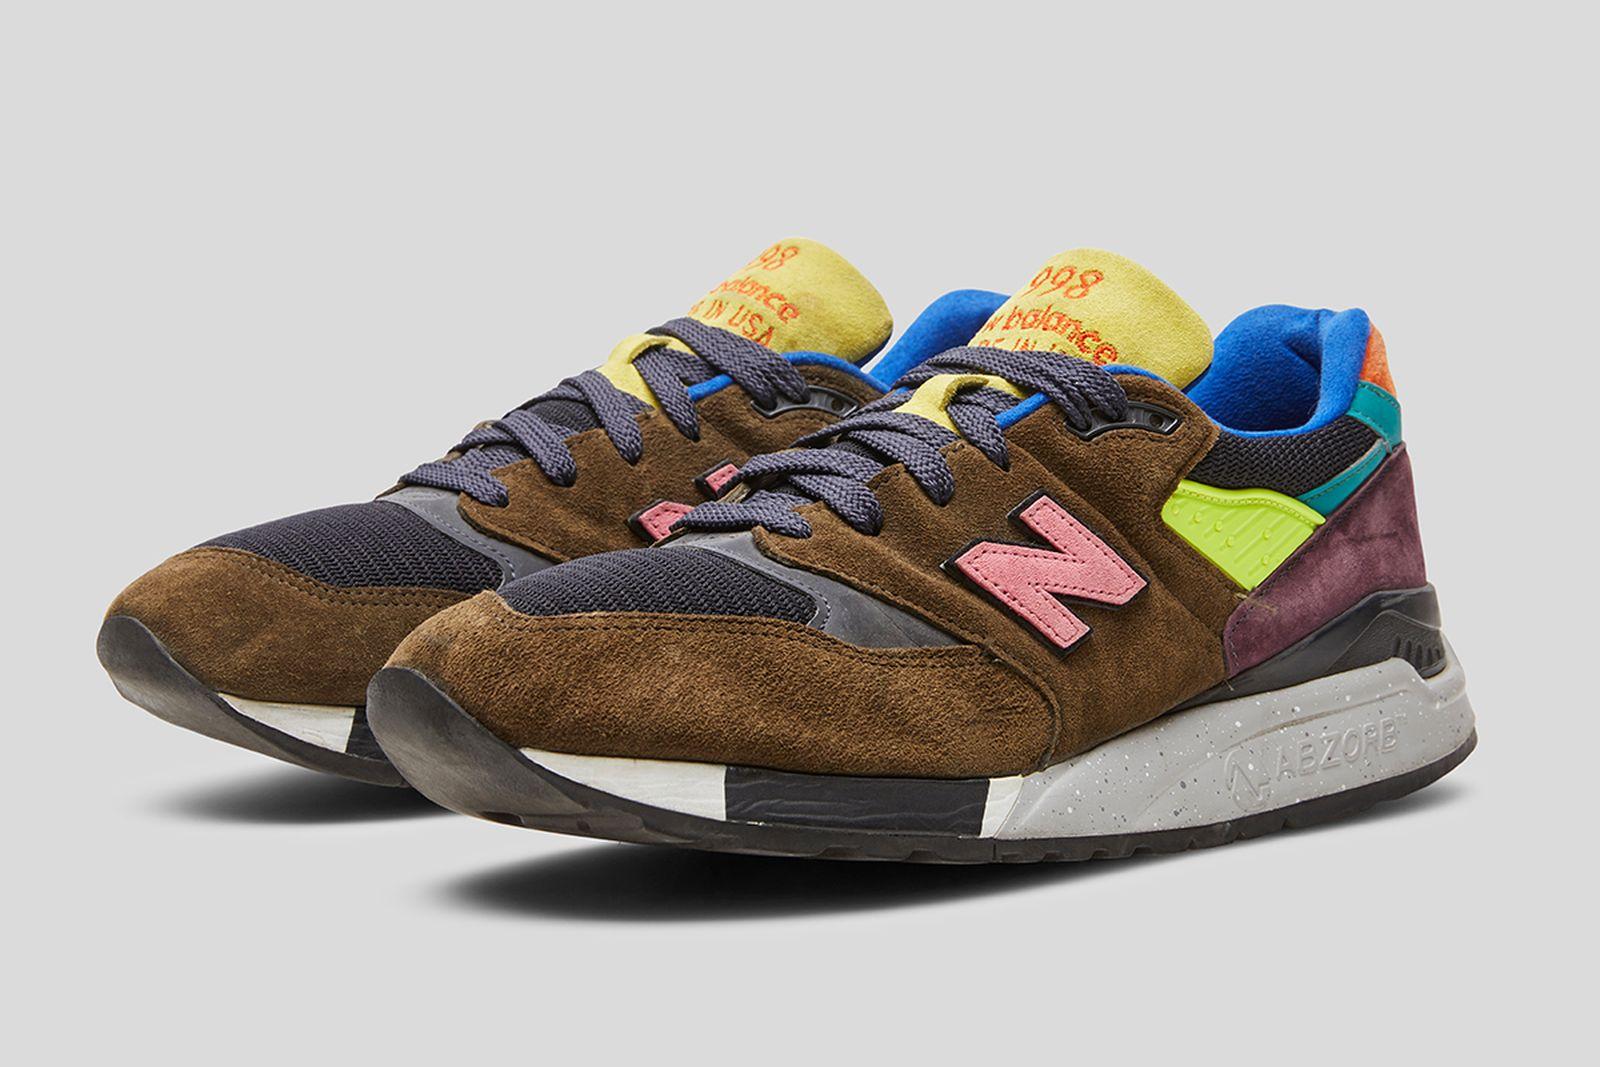 salehe-bembury-grailed-sneaker-sale-06